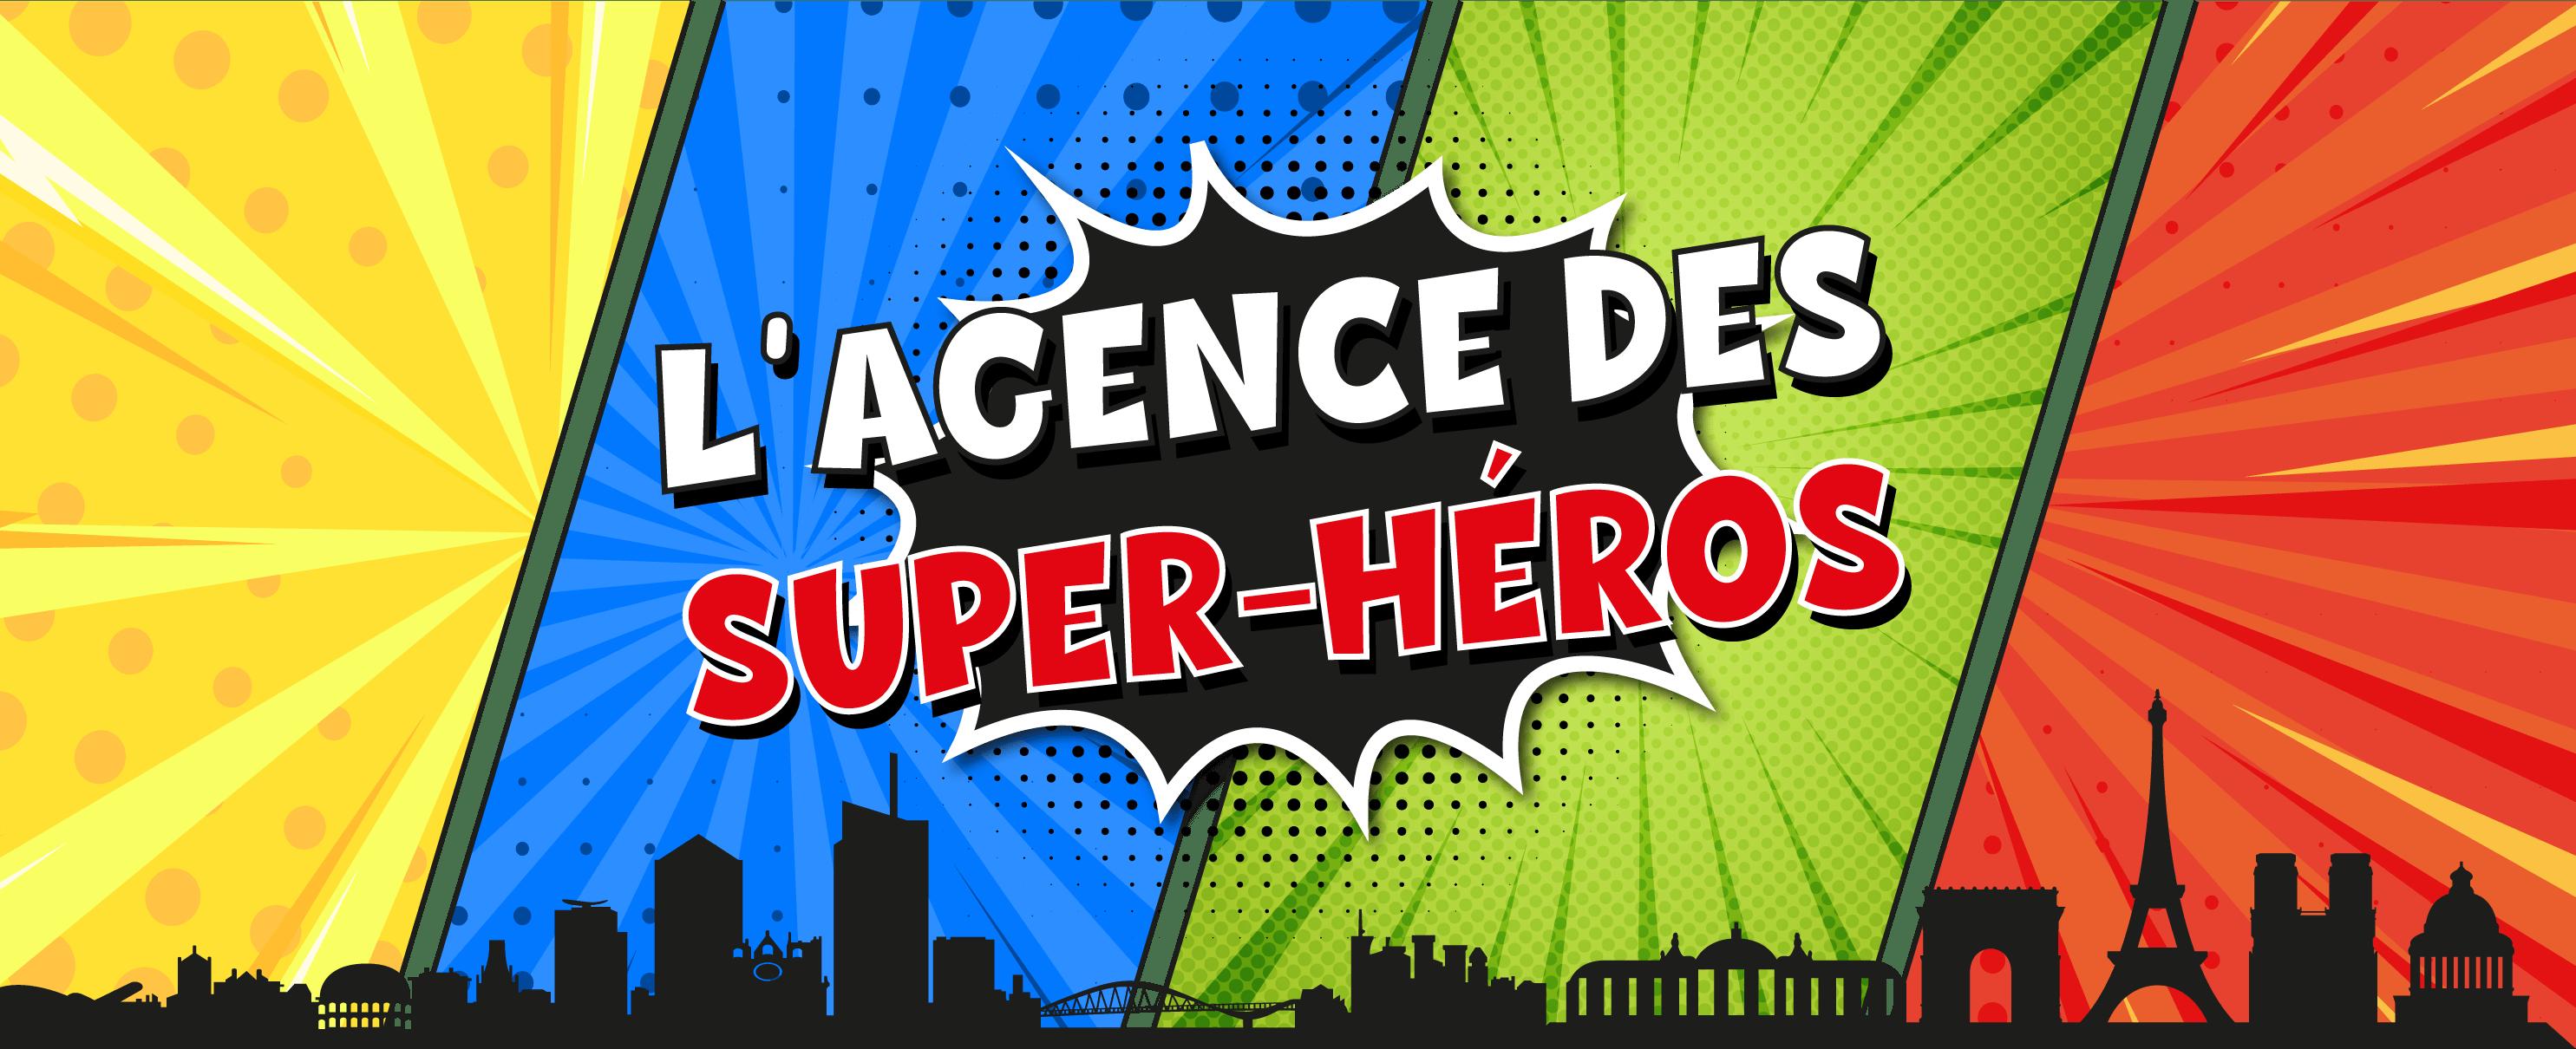 L'agence DRAG, l'agence des super-héros